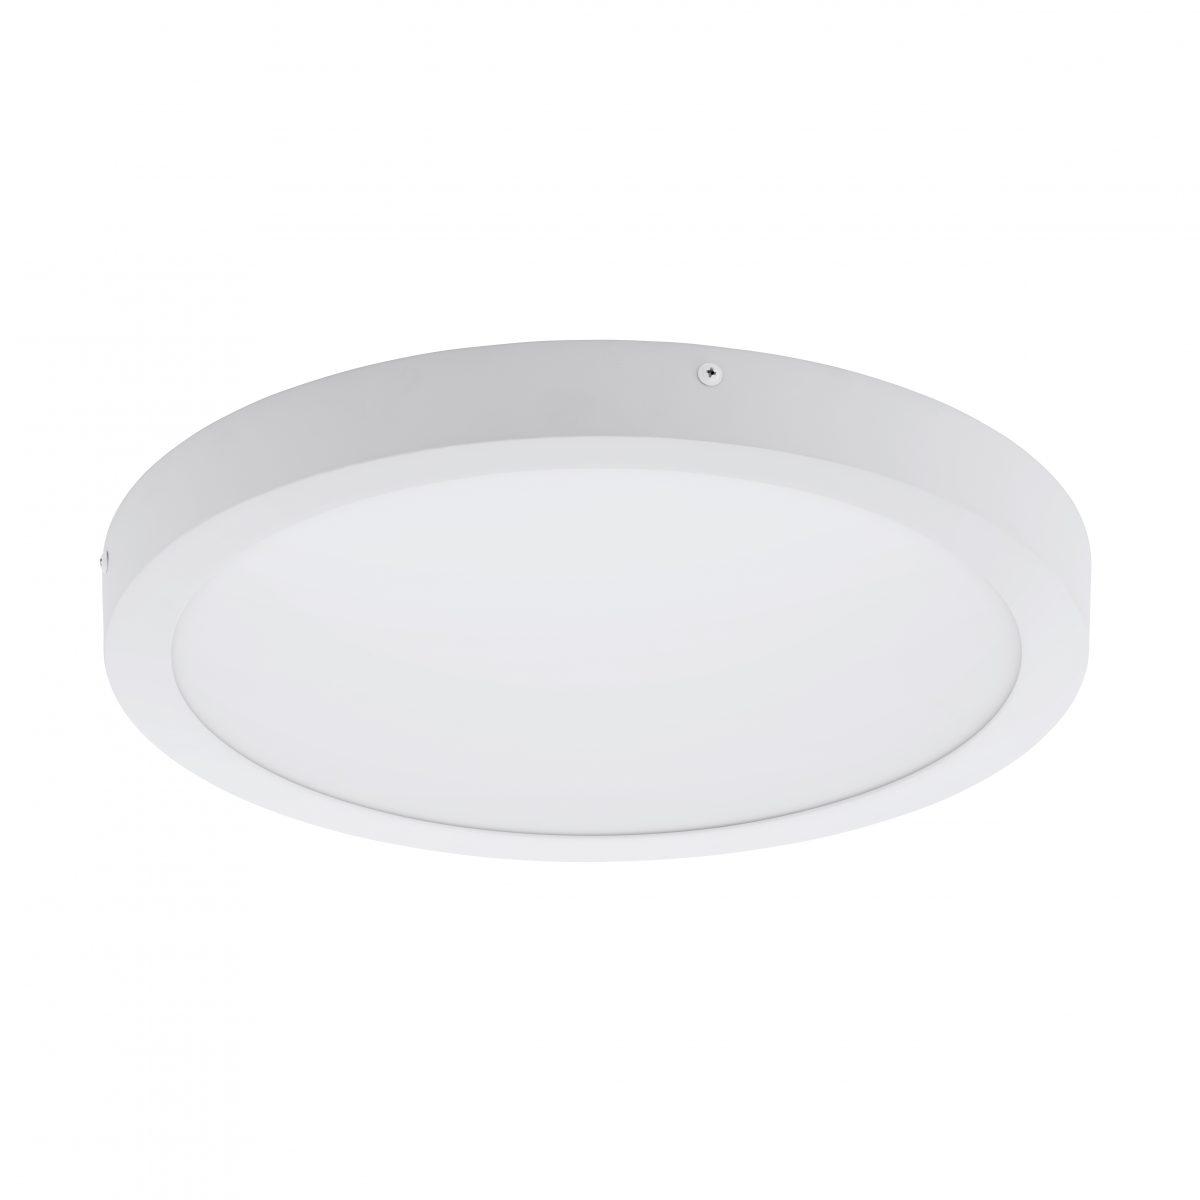 Светильник настенно-потолочный FUEVA 1 EGLO 97262 - Фото №28